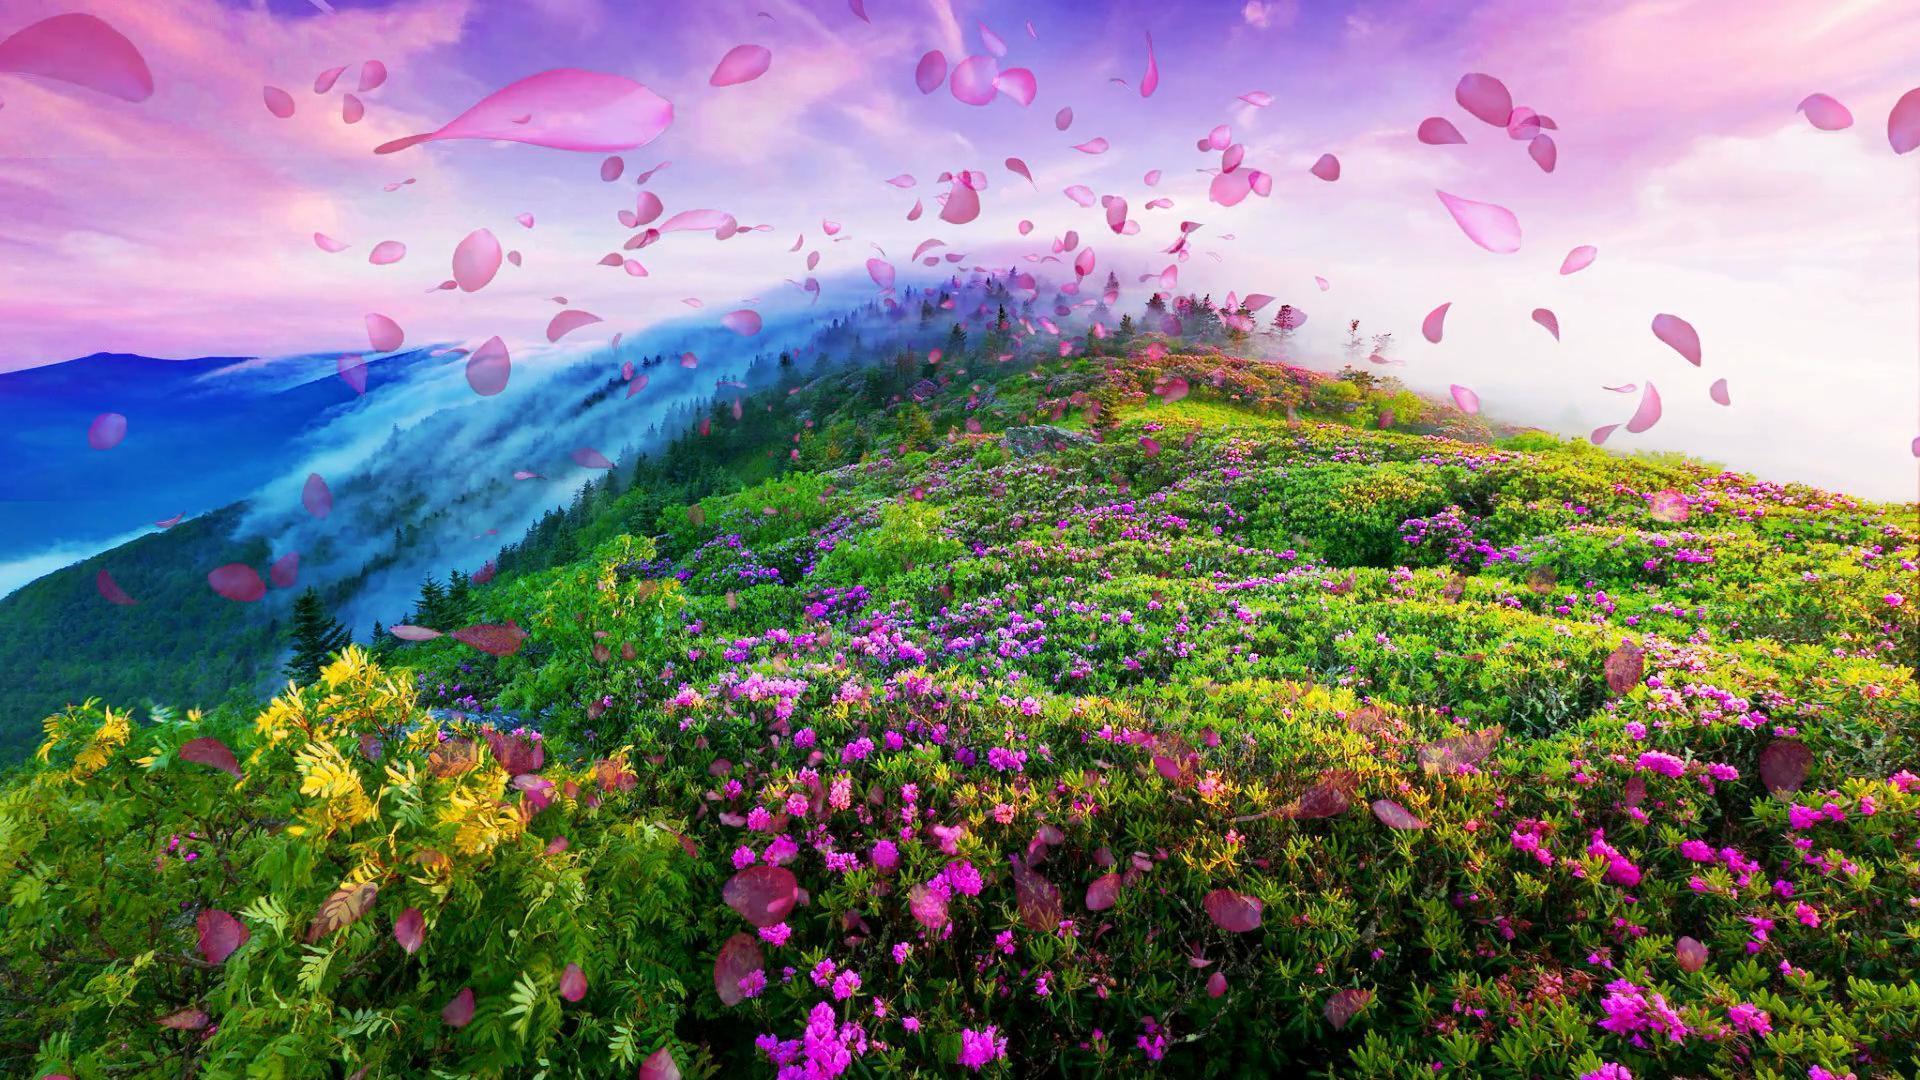 春天花瓣满山飞舞